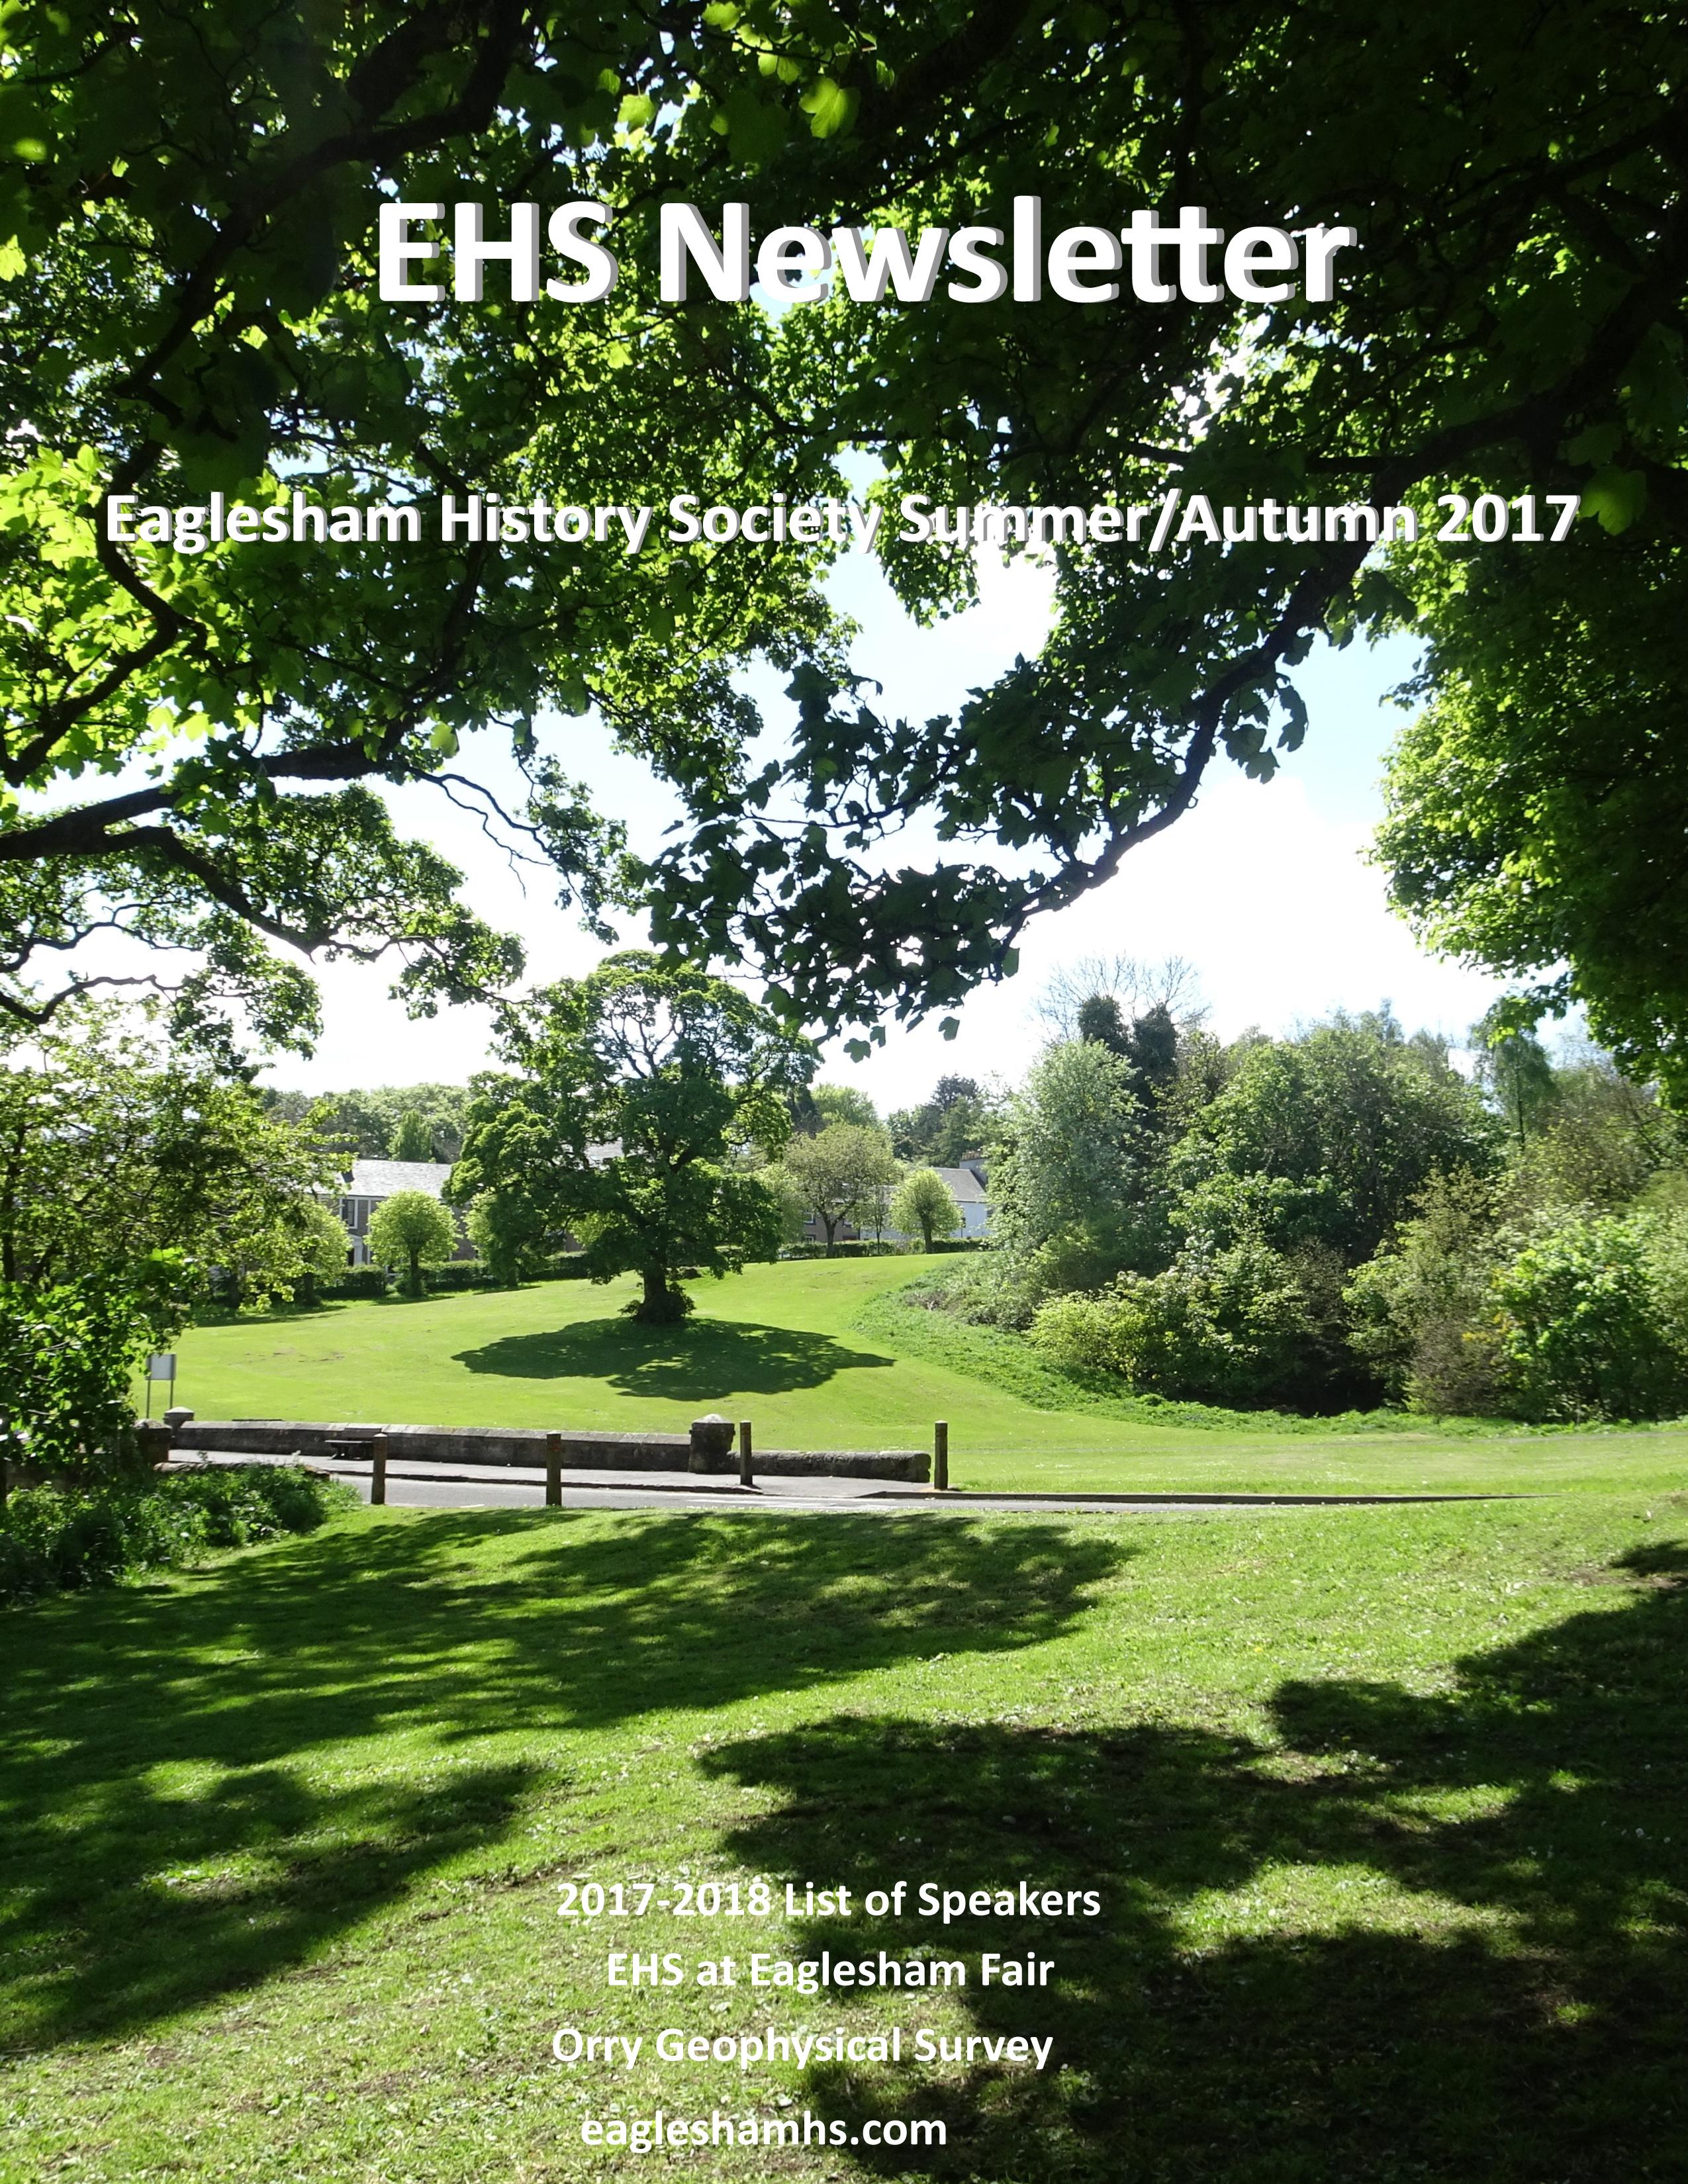 EHS Newsletter Summer Autumn 2017-1